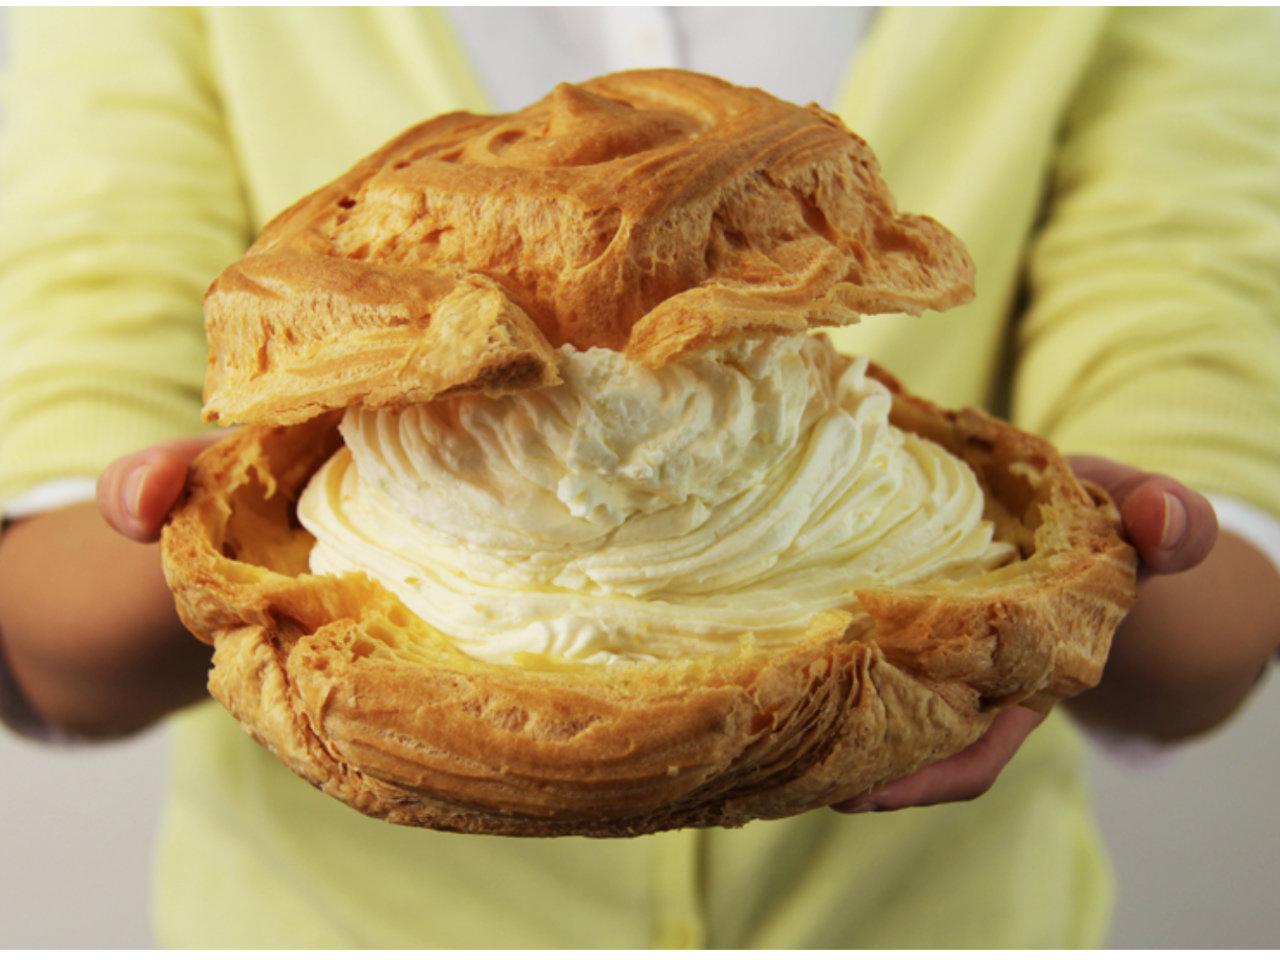 毎月19日はシュークリームの日!通常の9倍?!青森の道の駅で買える特大シュークリームとは?